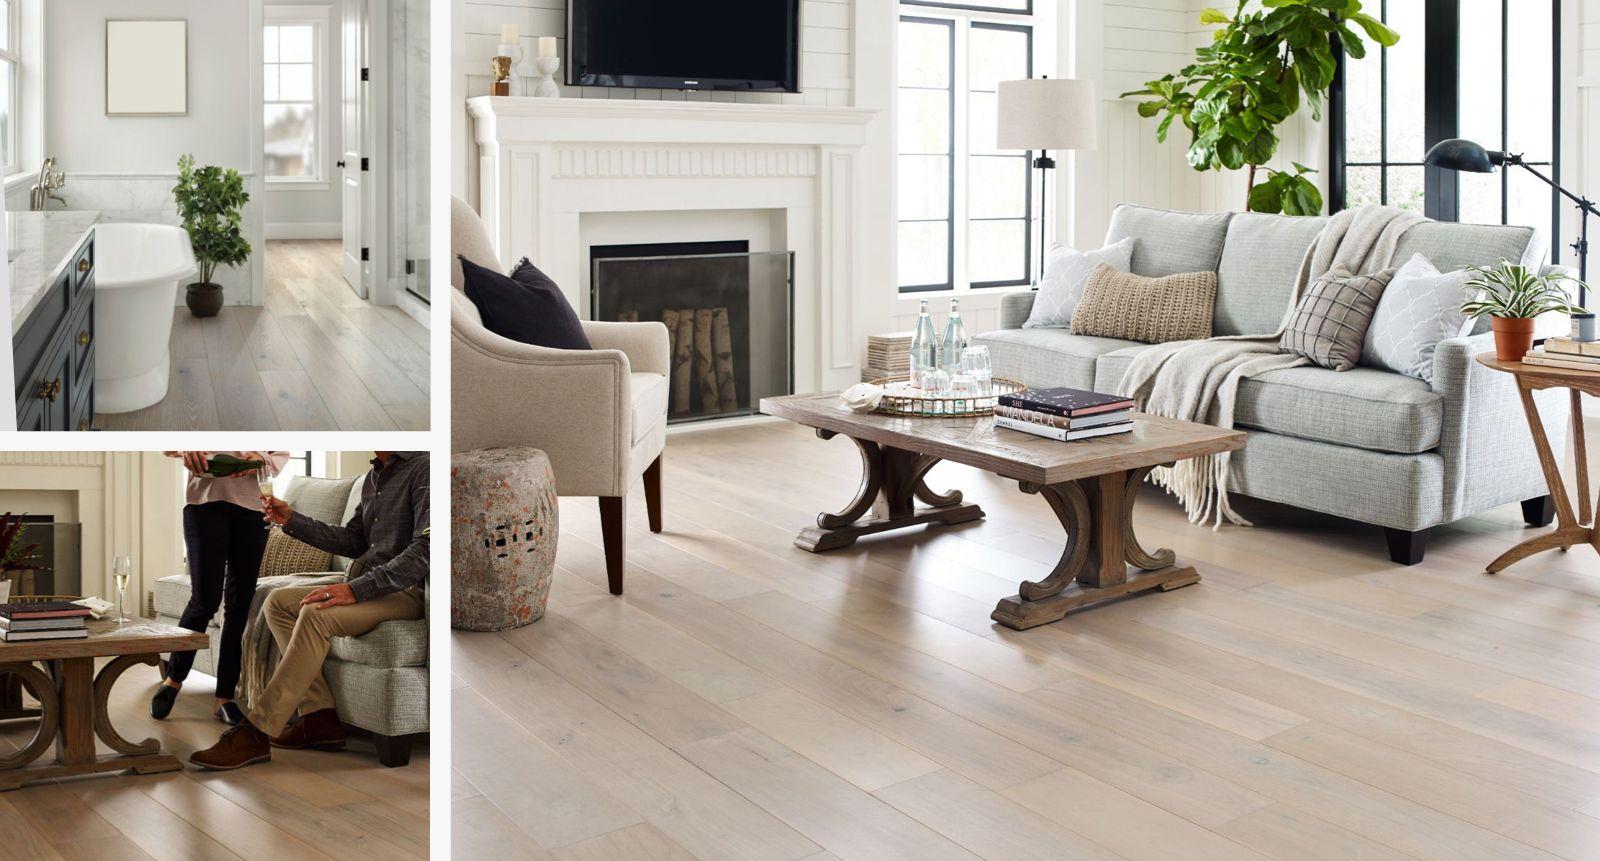 Floorte Waterproof Hardwood In Easthampton Ma Hampton Flooring Center In 2020 Waterproof Hardwood Waterproof Wood Floor Easy Flooring